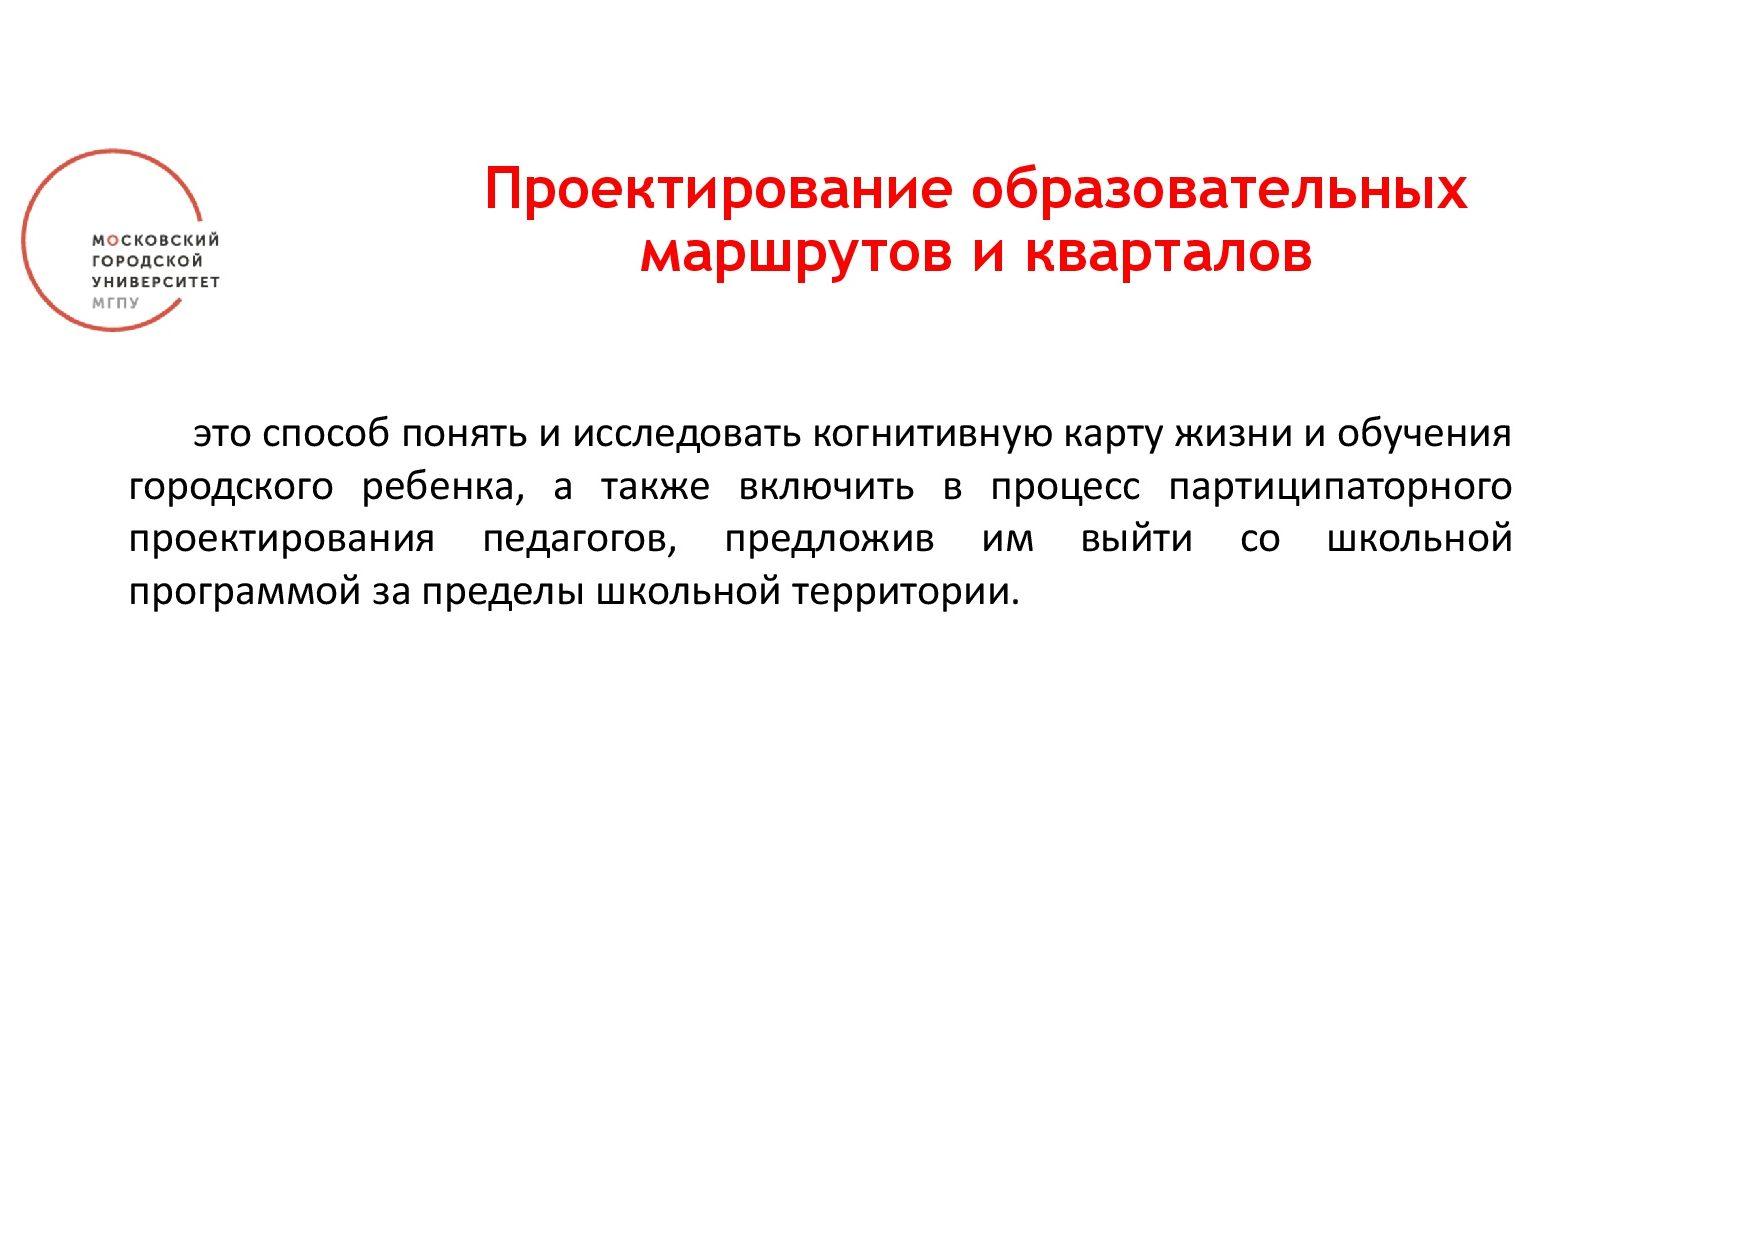 Презентация на МГК -Иванова ЕВ-026